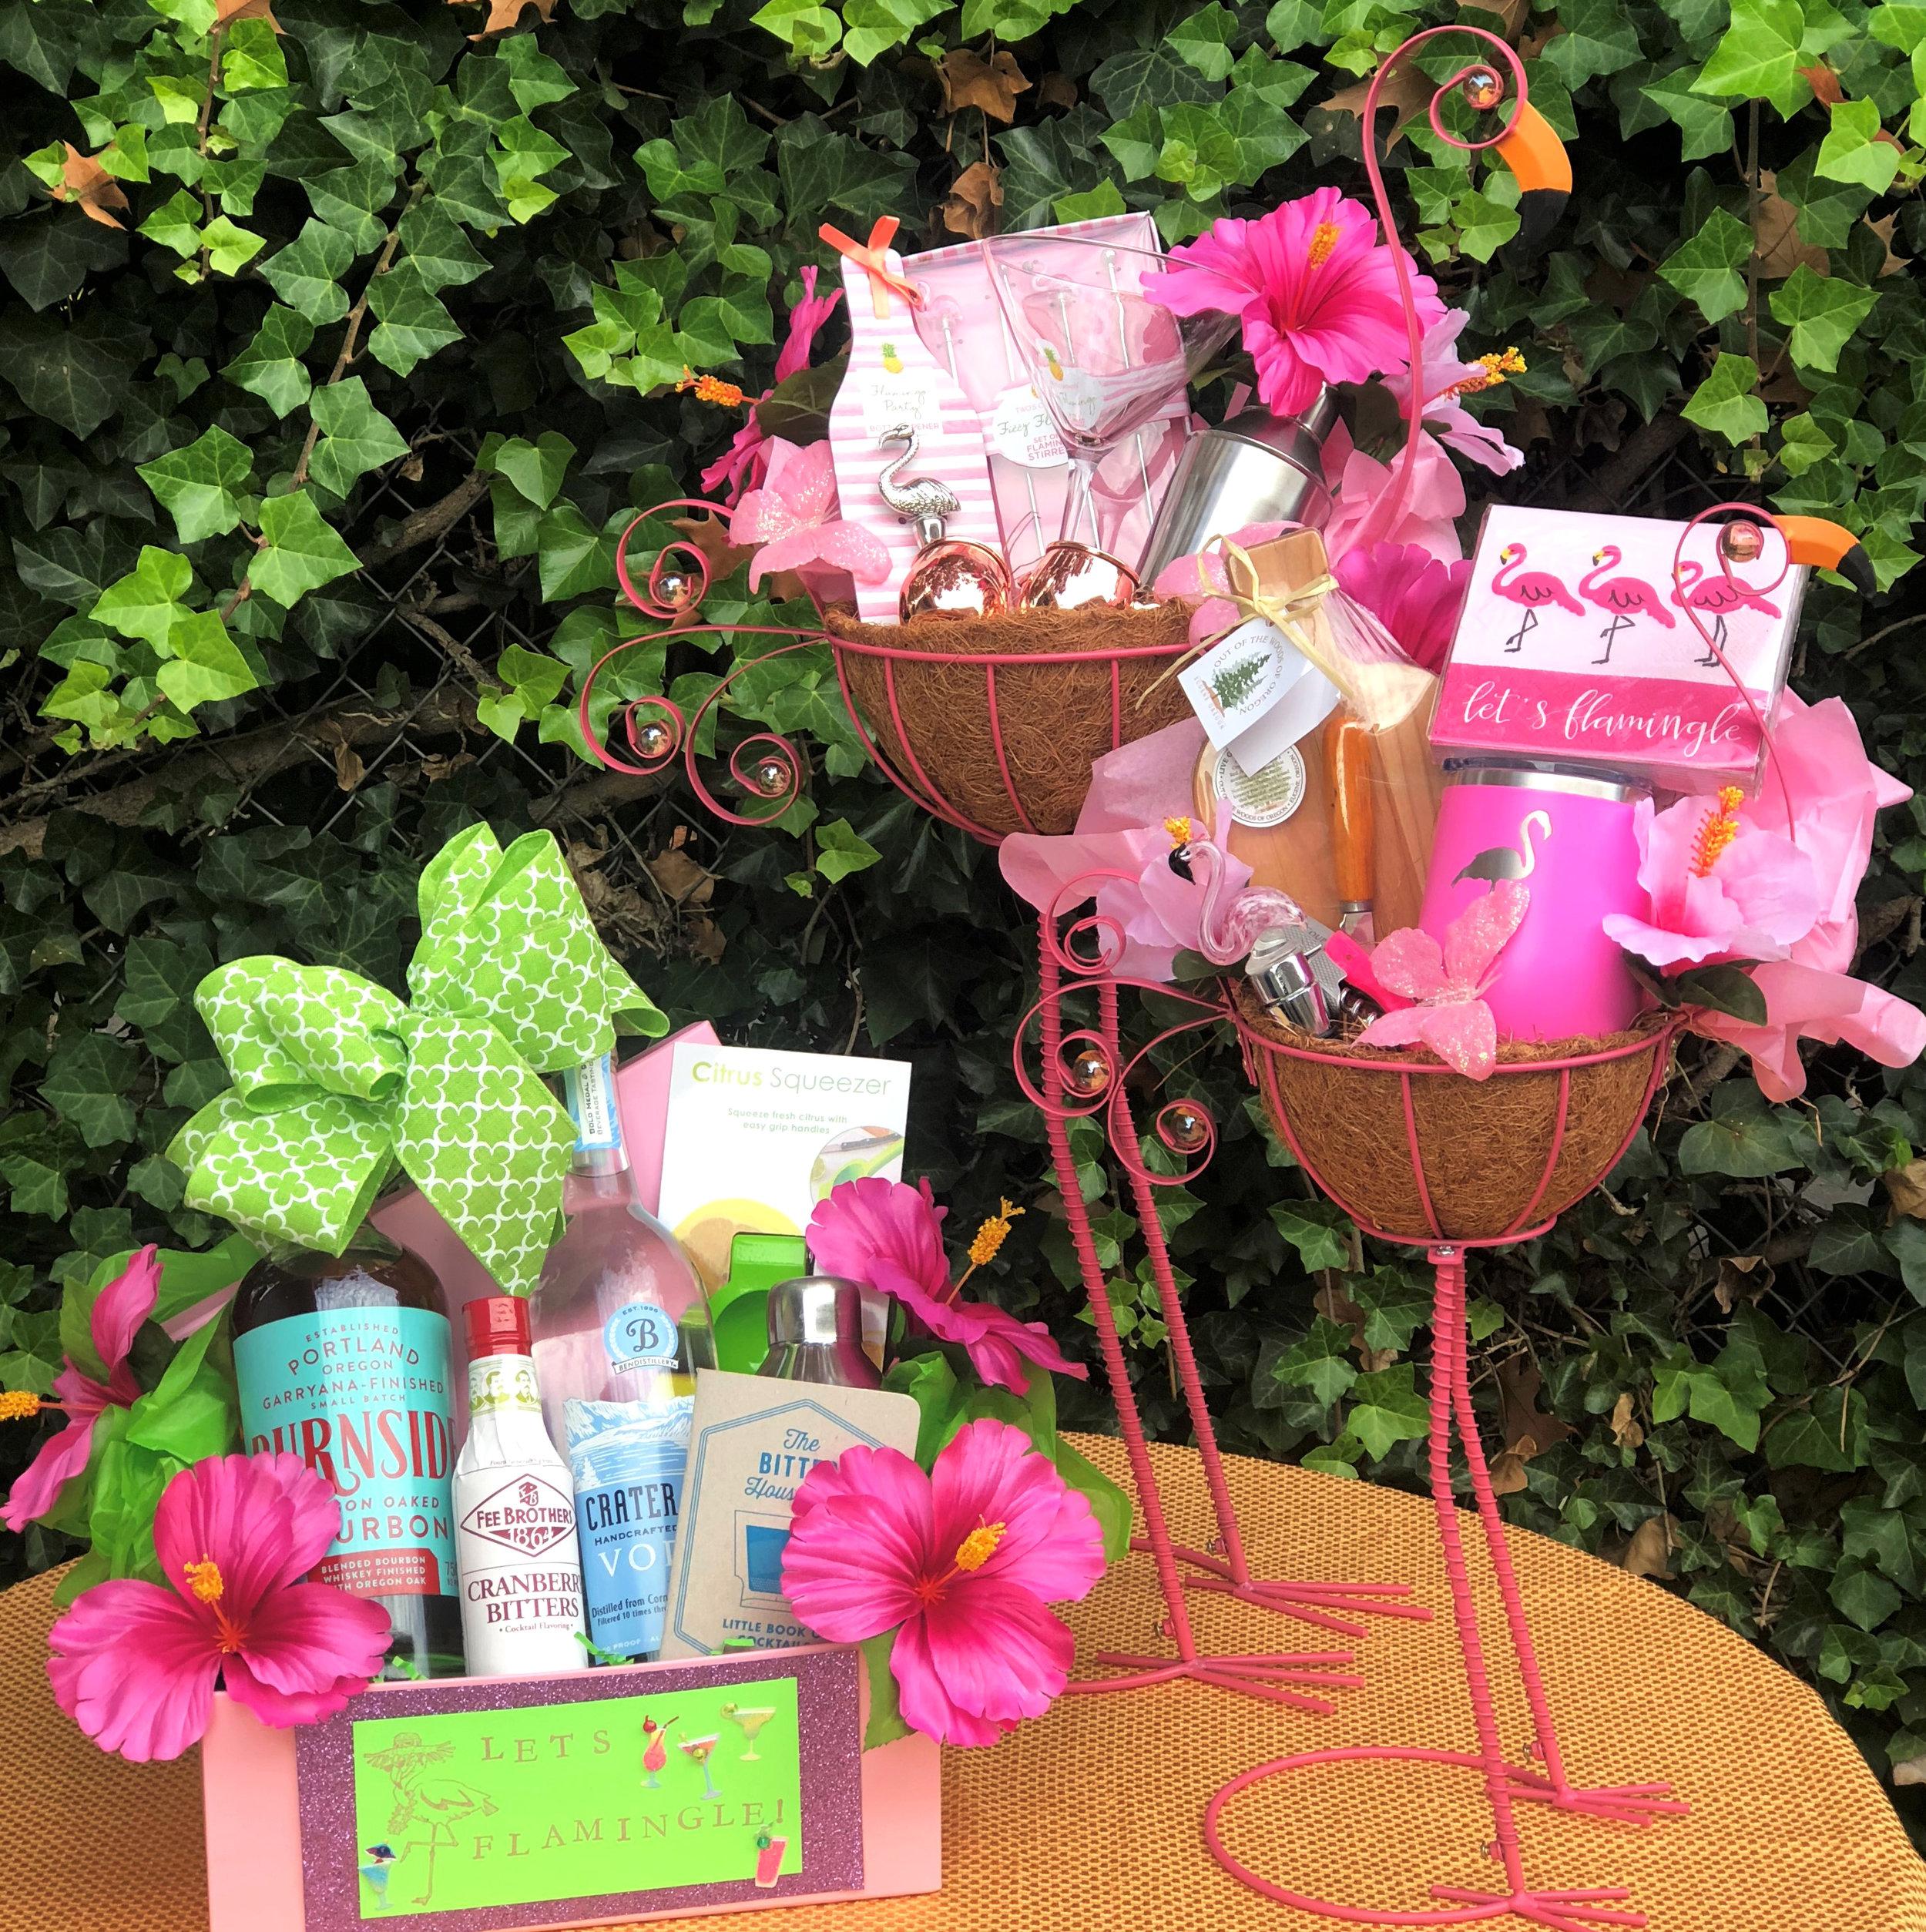 Let's Flamingle Gift Basket